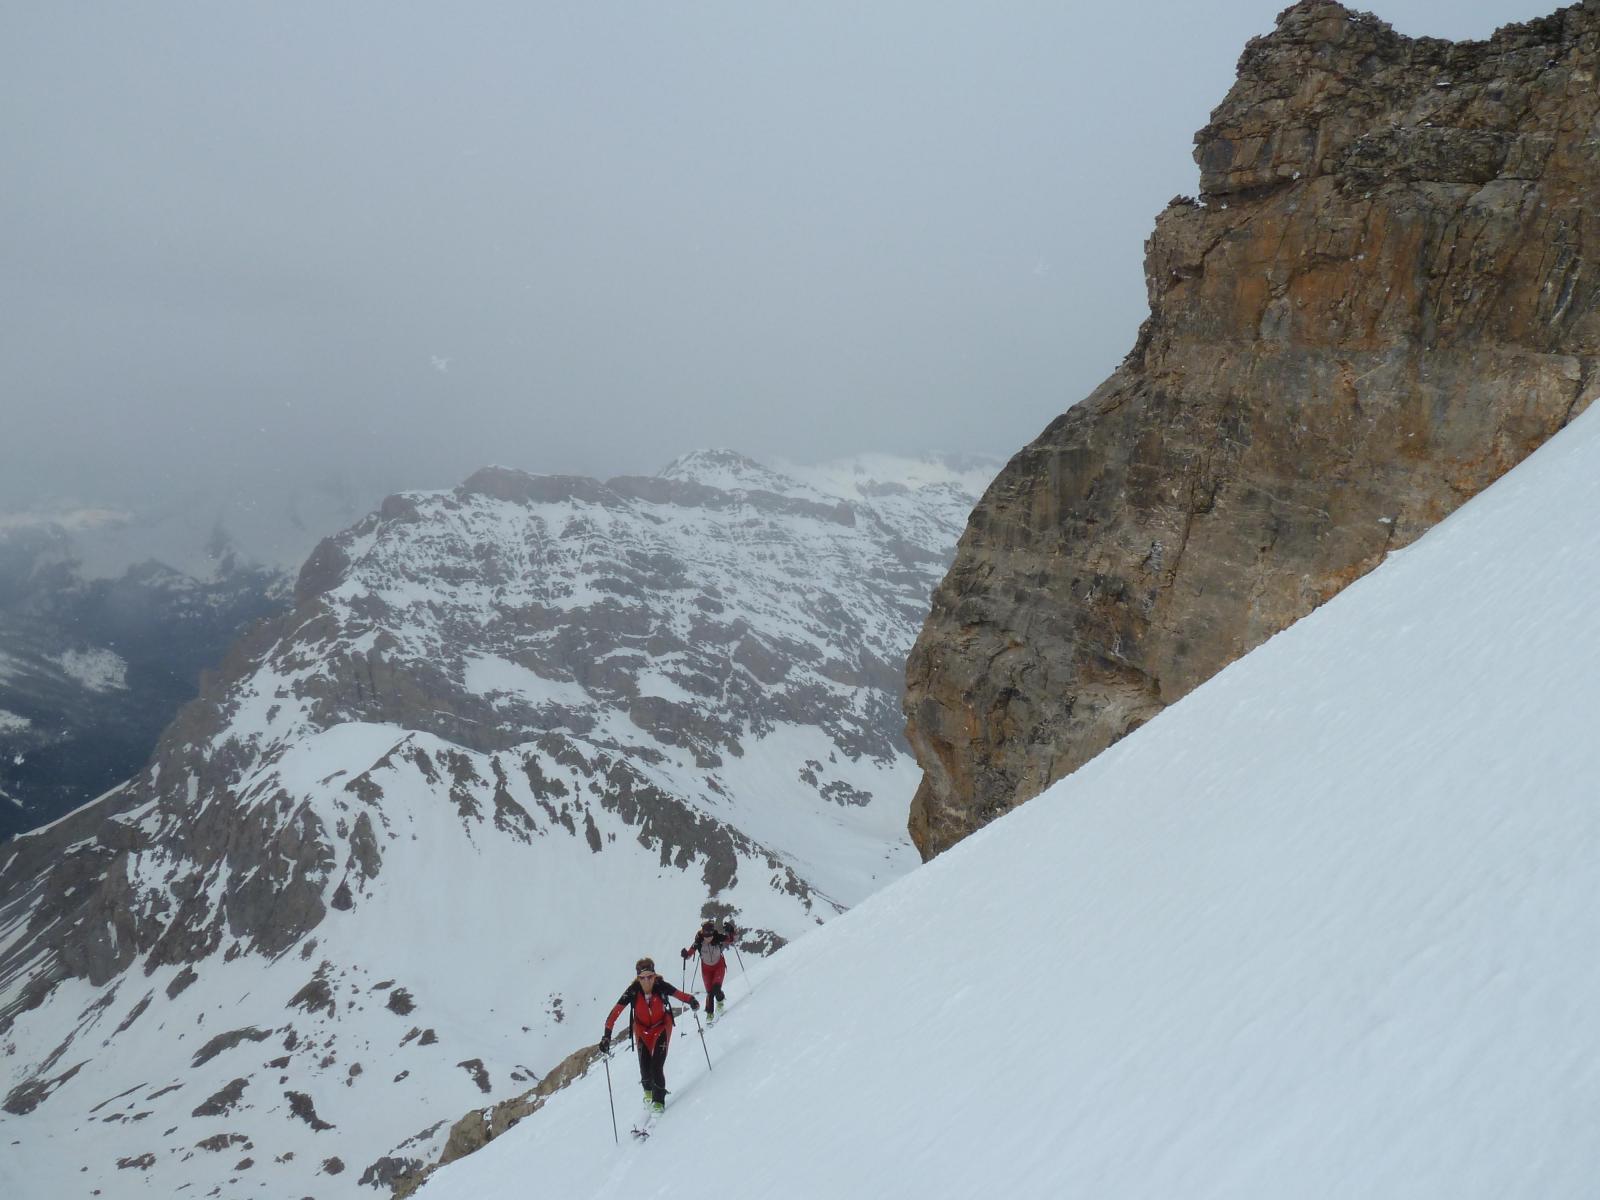 Qualche fiocco di neve in prossimità della cima